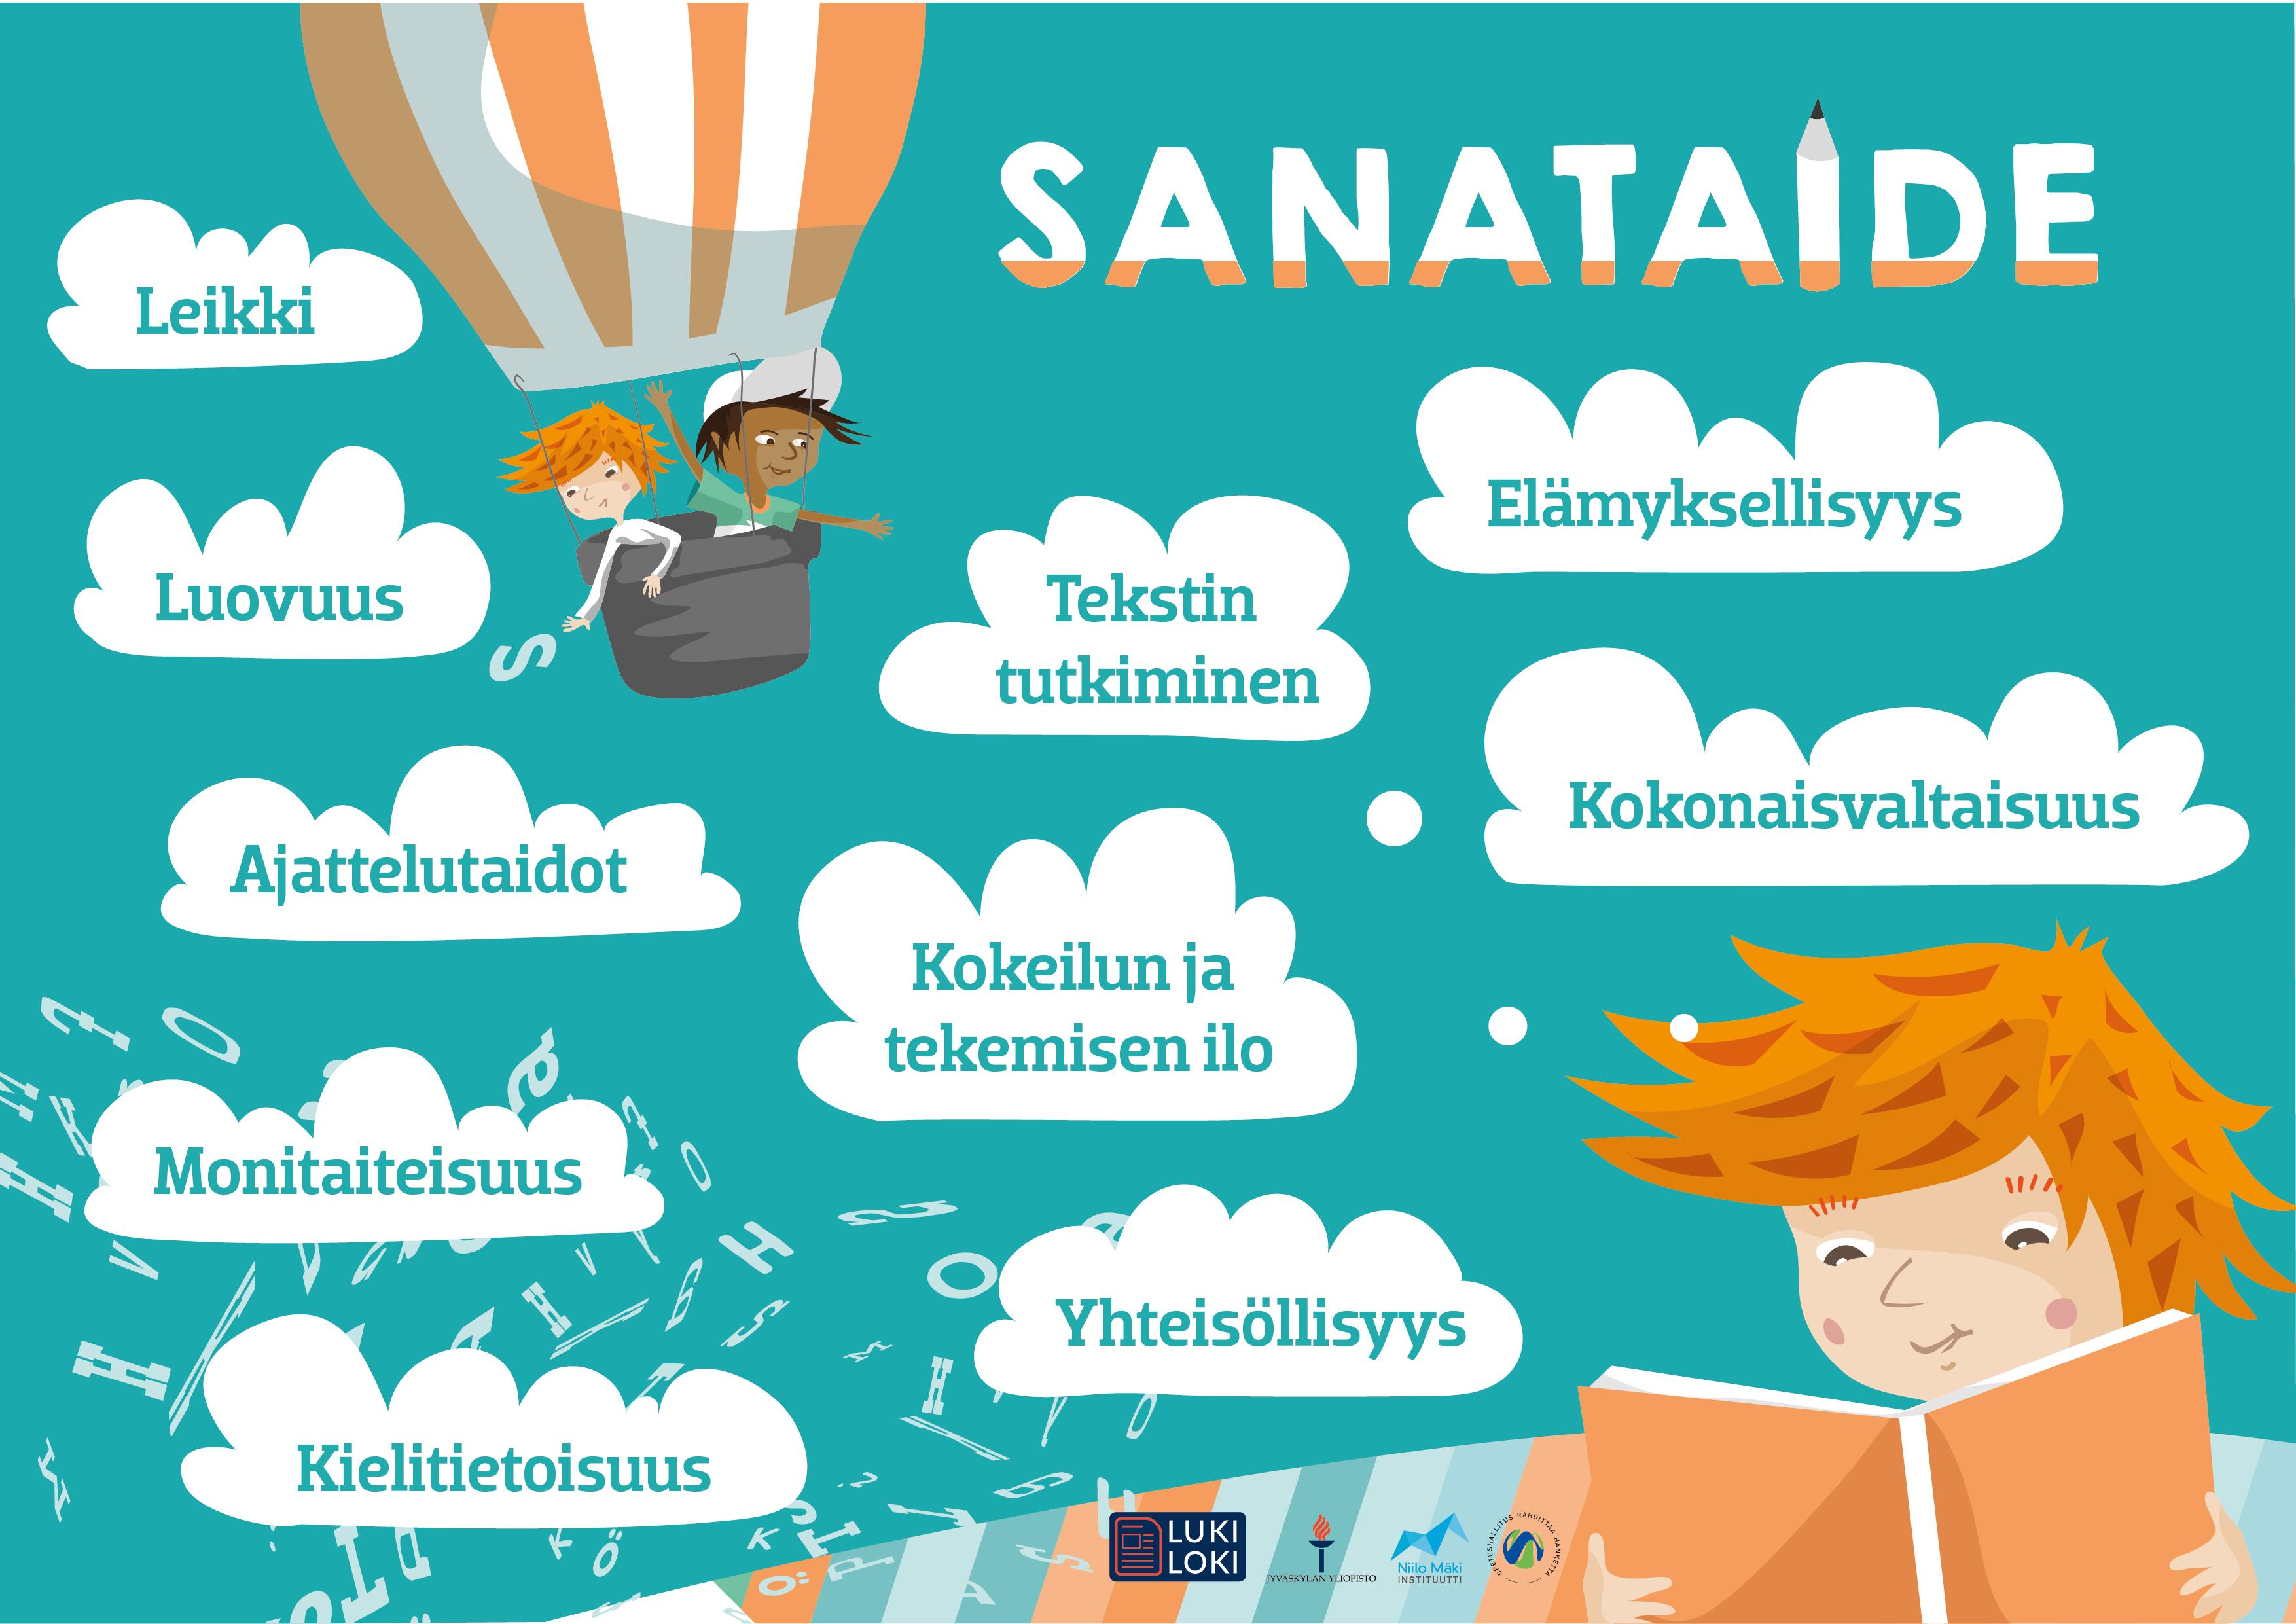 Sanataide-infograafi, tehnyt Terese Bast